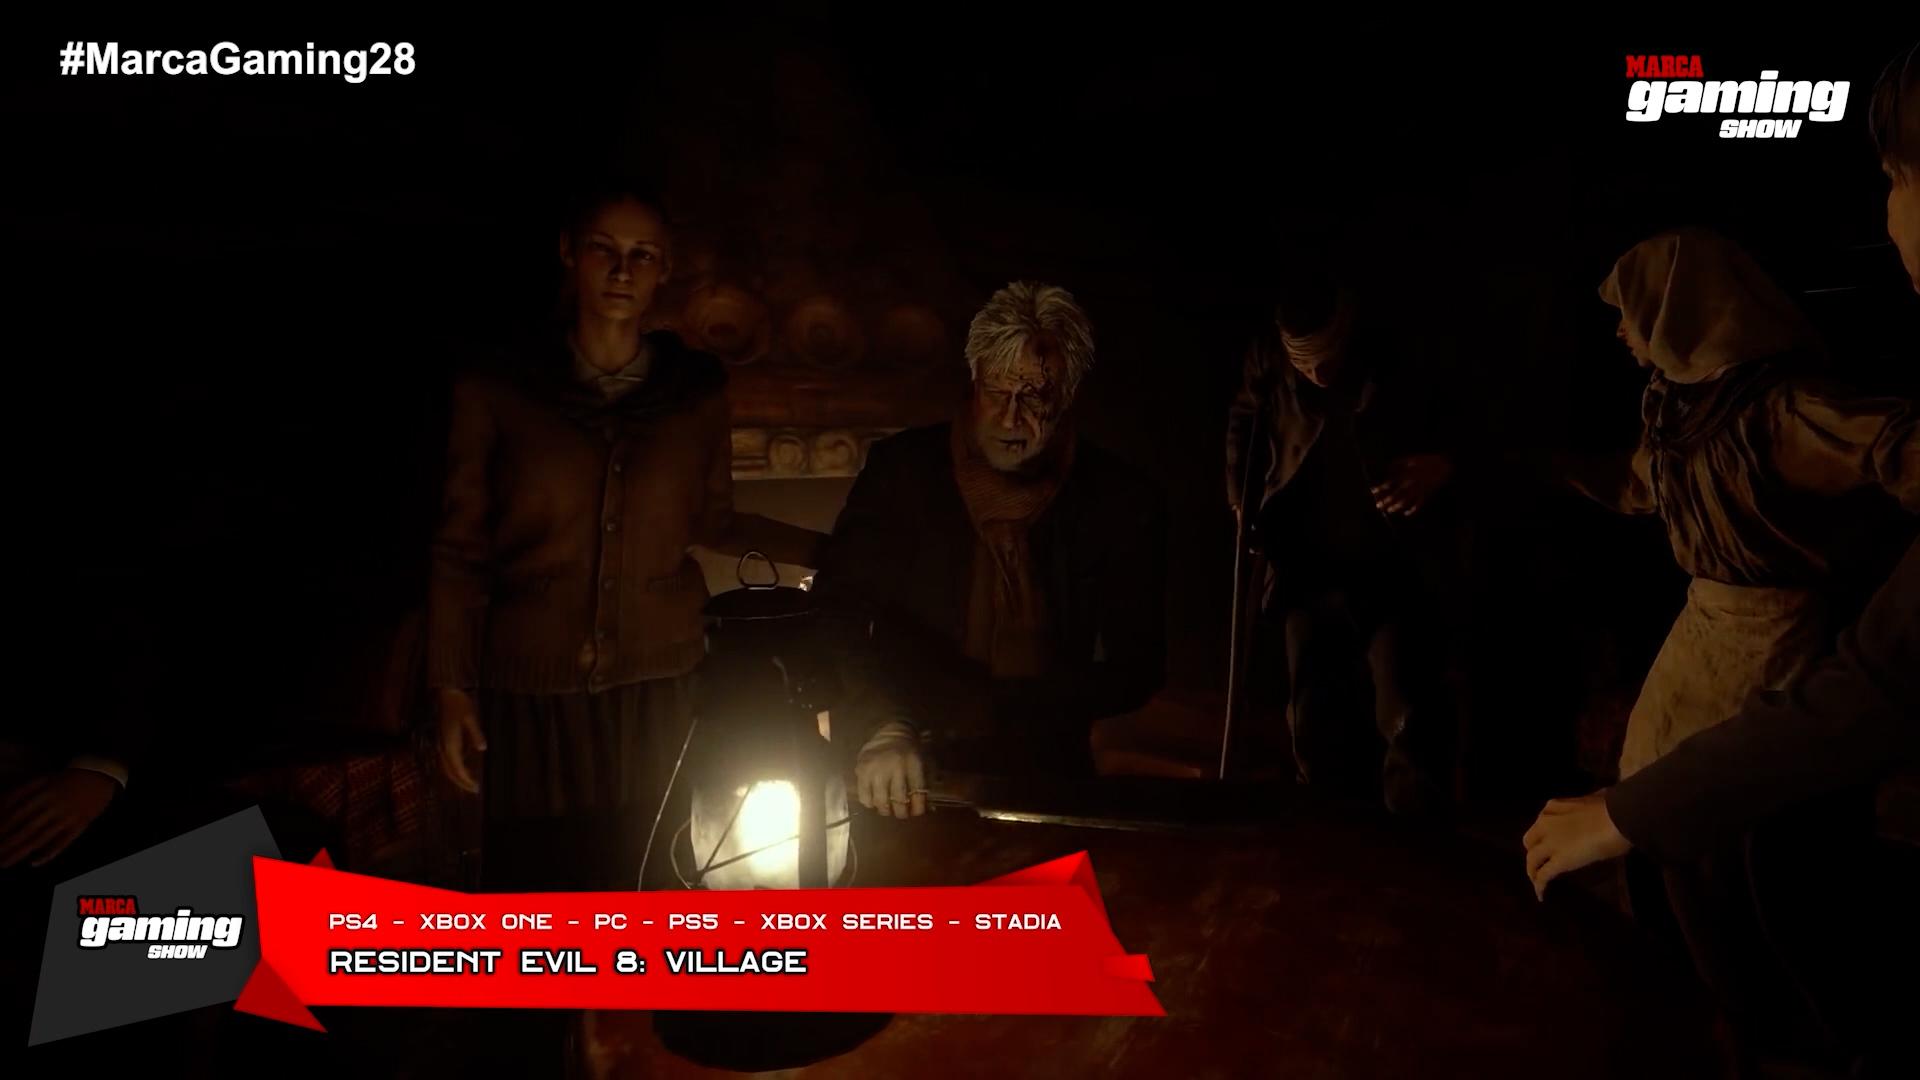 Resident Evil 8: Village entra directamente al número 1 de nuestra Game List